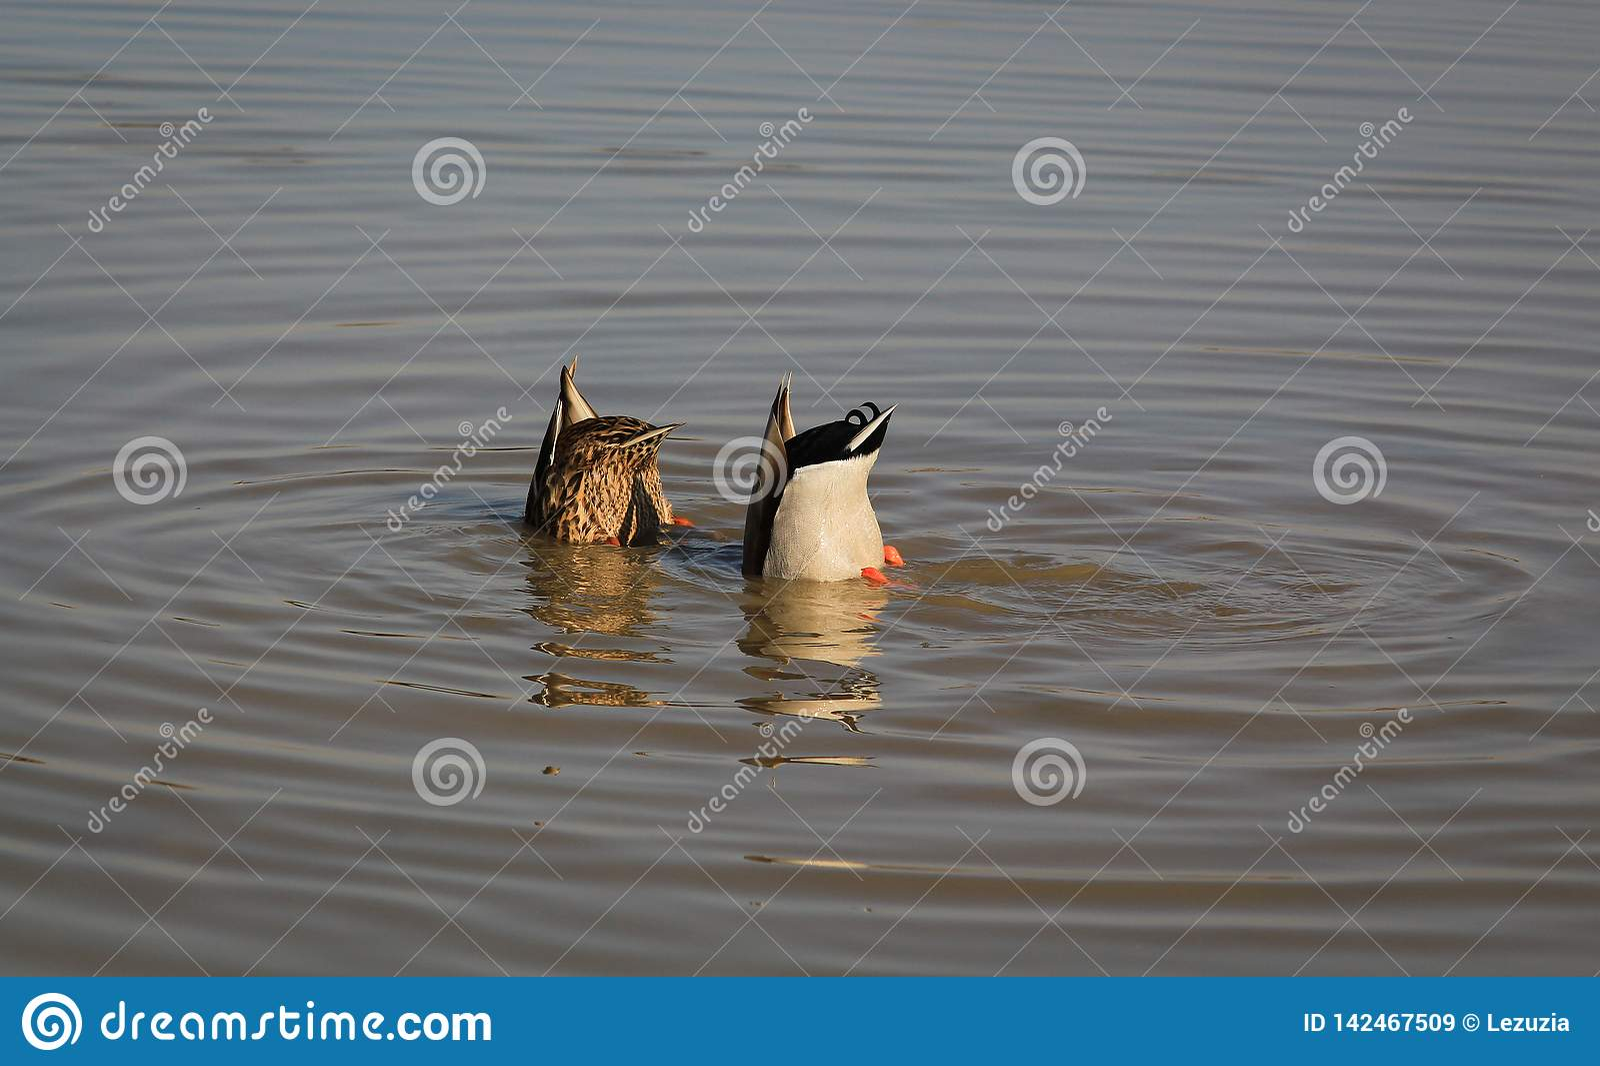 Germani reali di pesca nel fiume